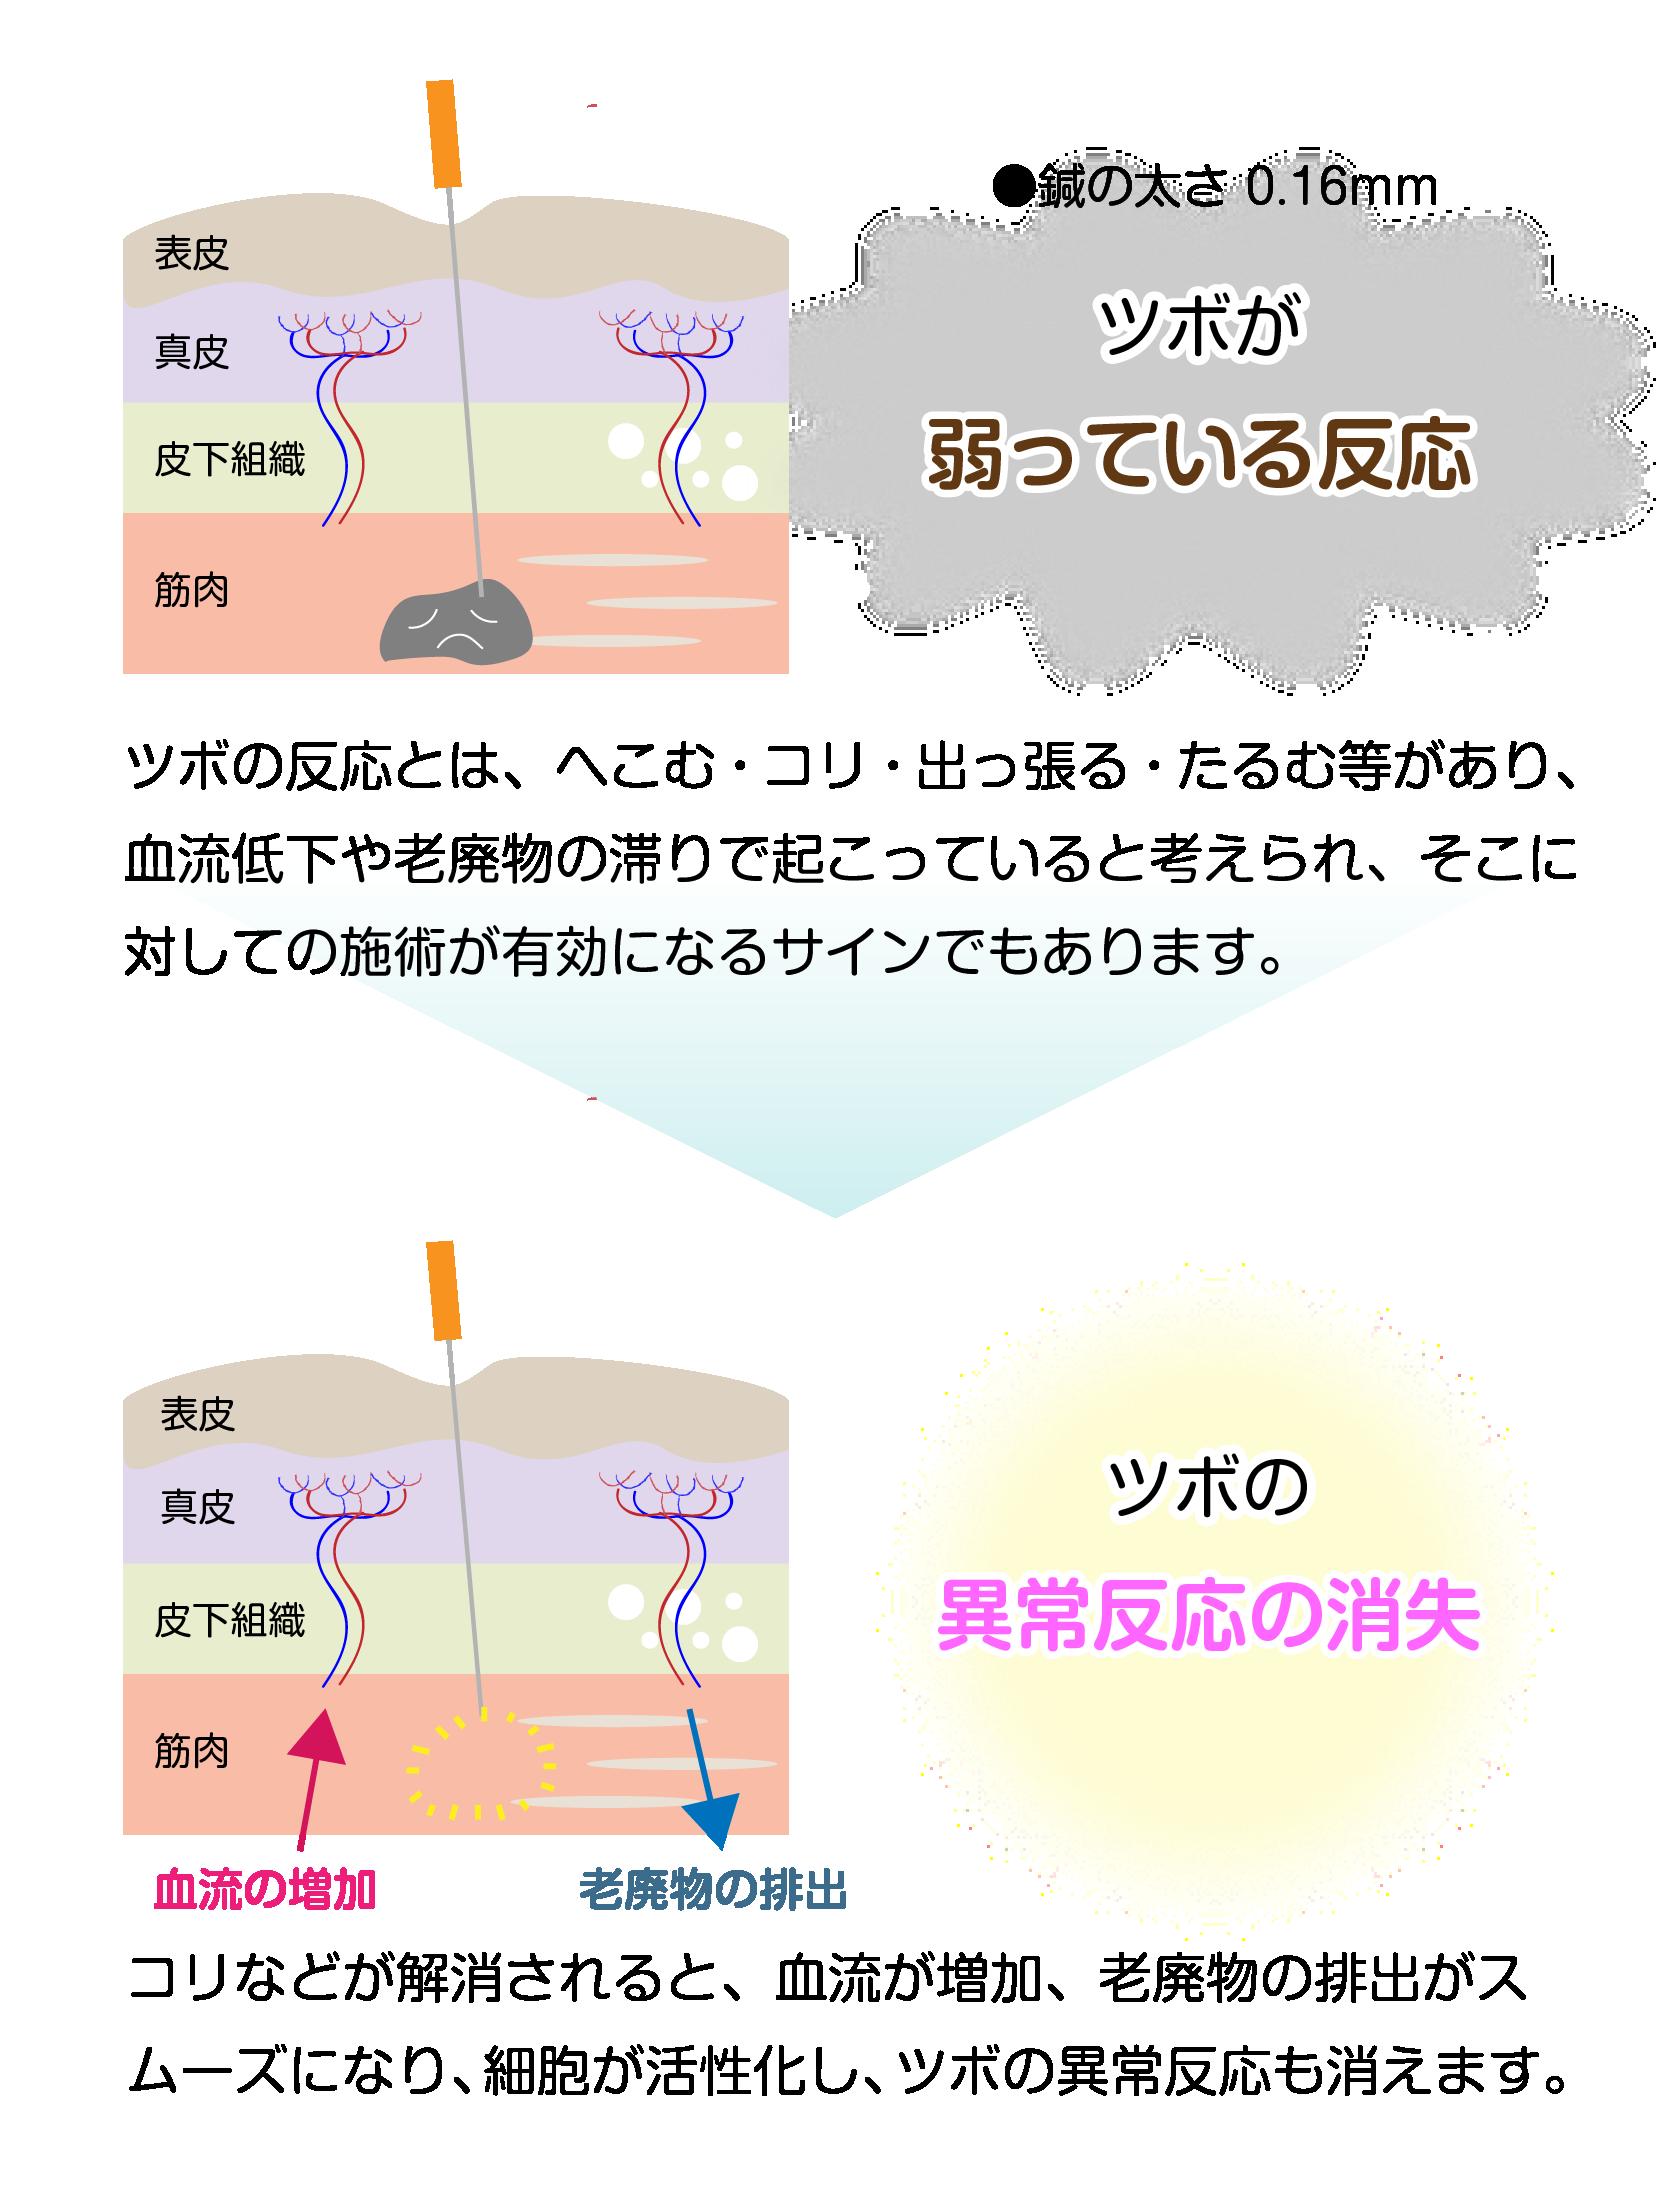 頻尿・過活動膀胱の原因である冷えとストレスに良いツボを選んで施術します|鎌ヶ谷市(新鎌ヶ谷)